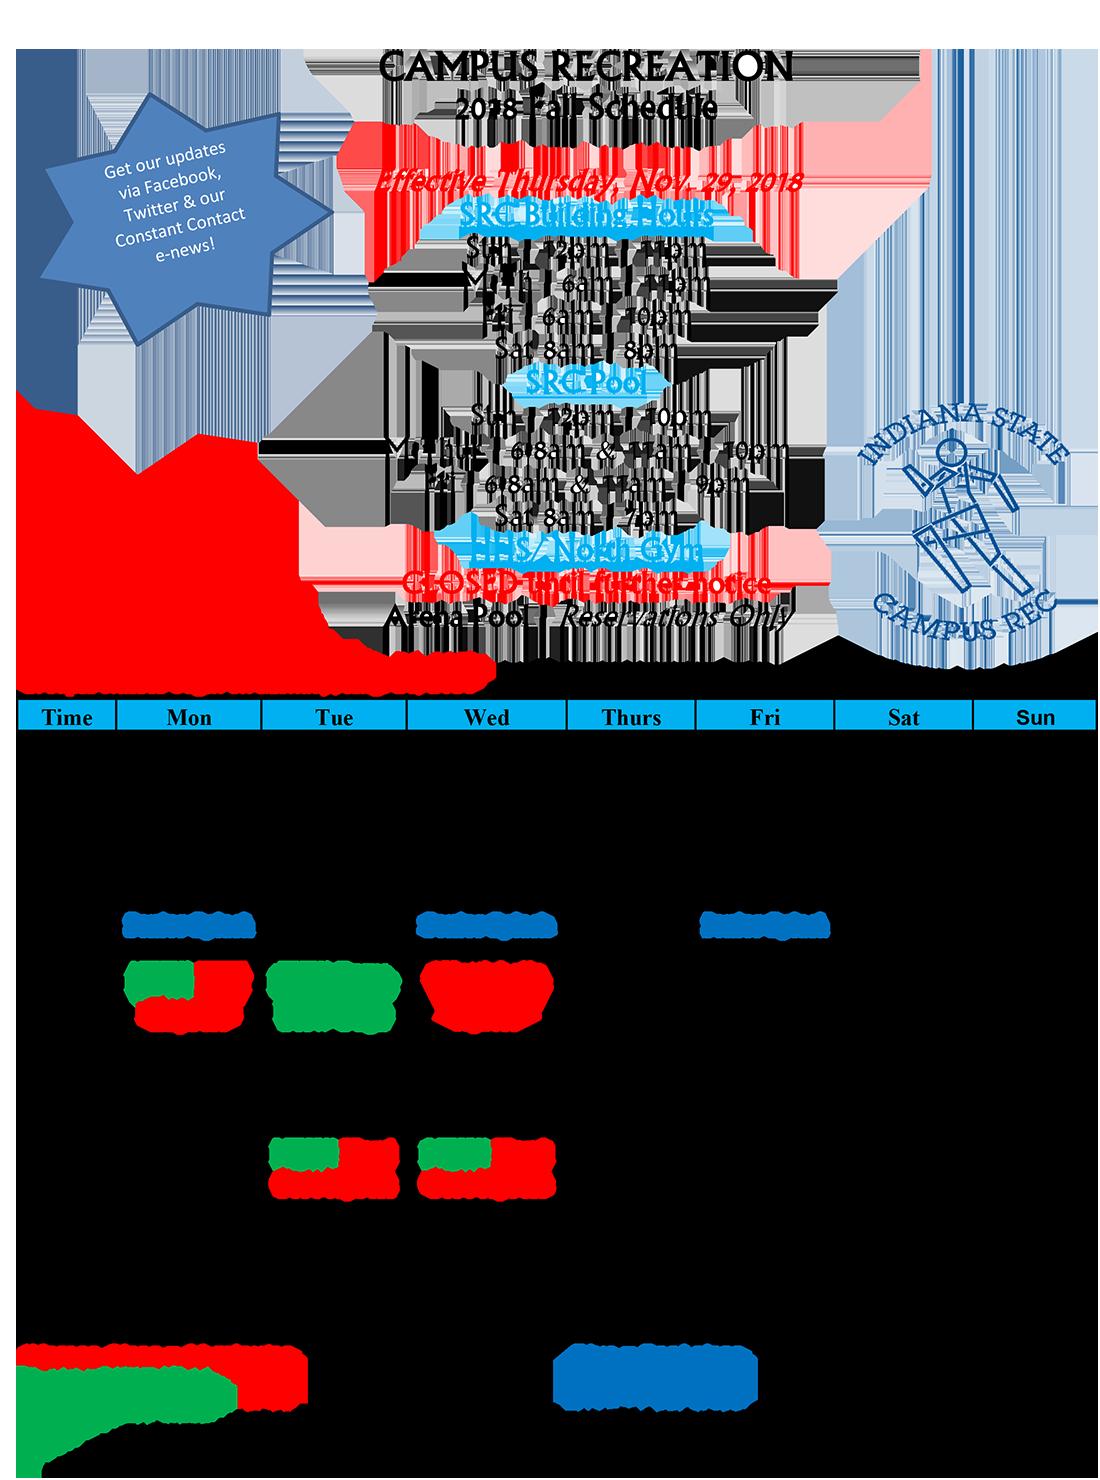 Campus Rec Fall 2018 Schedule update 29Nov2018